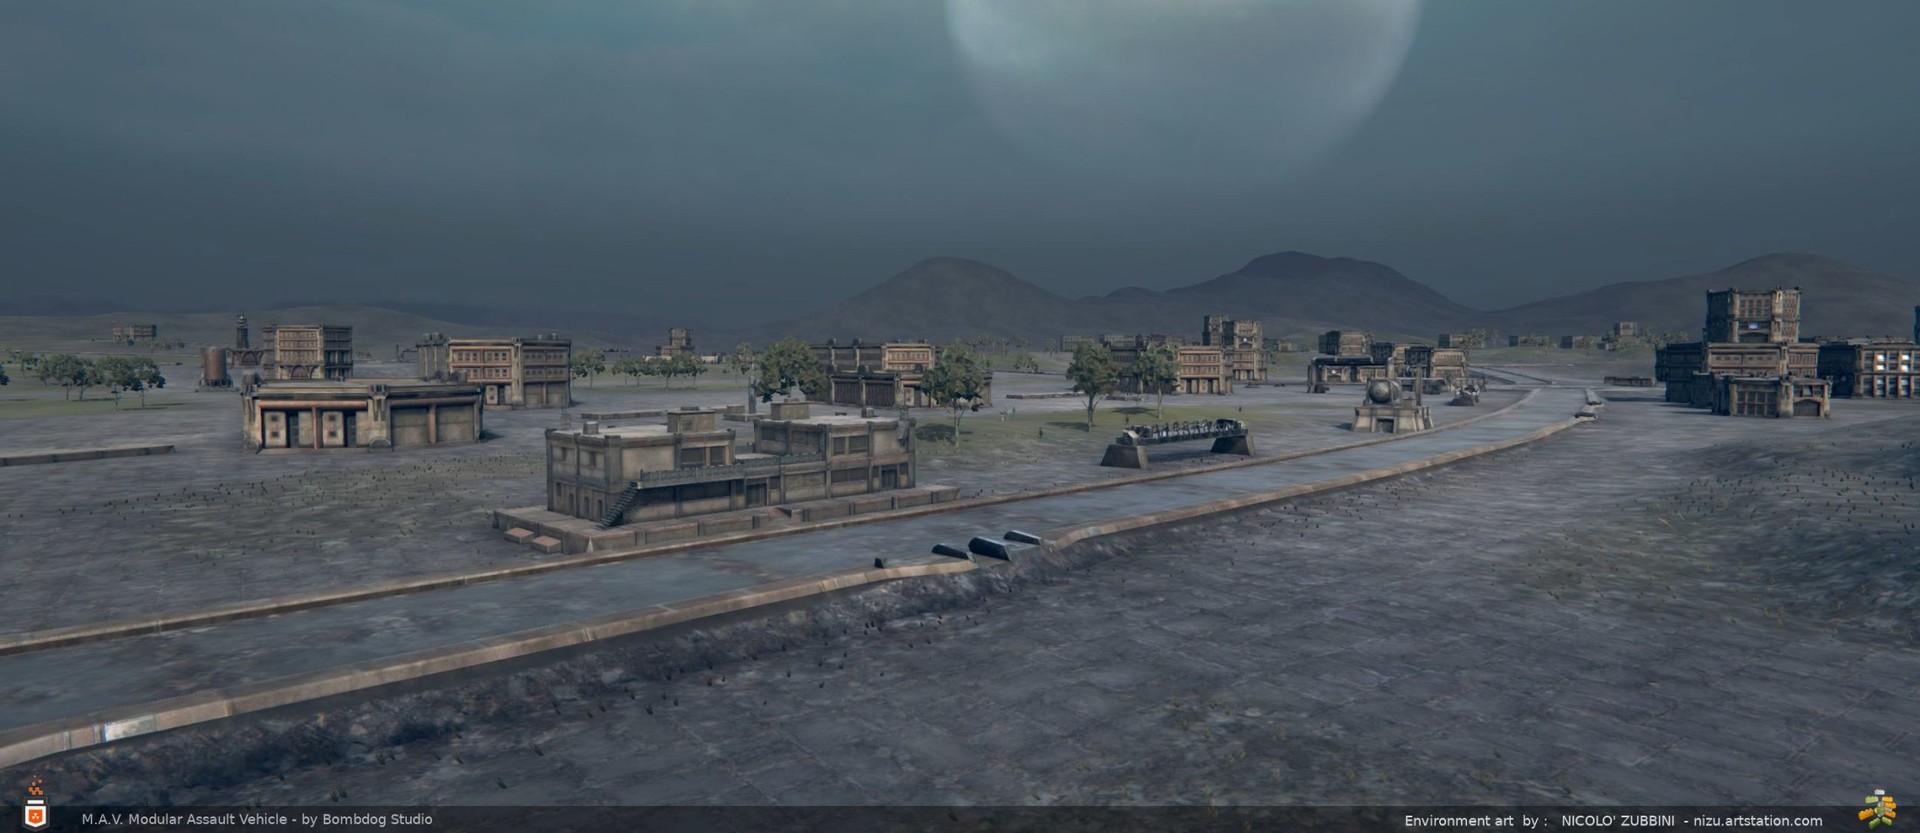 Nicolo zubbini city2